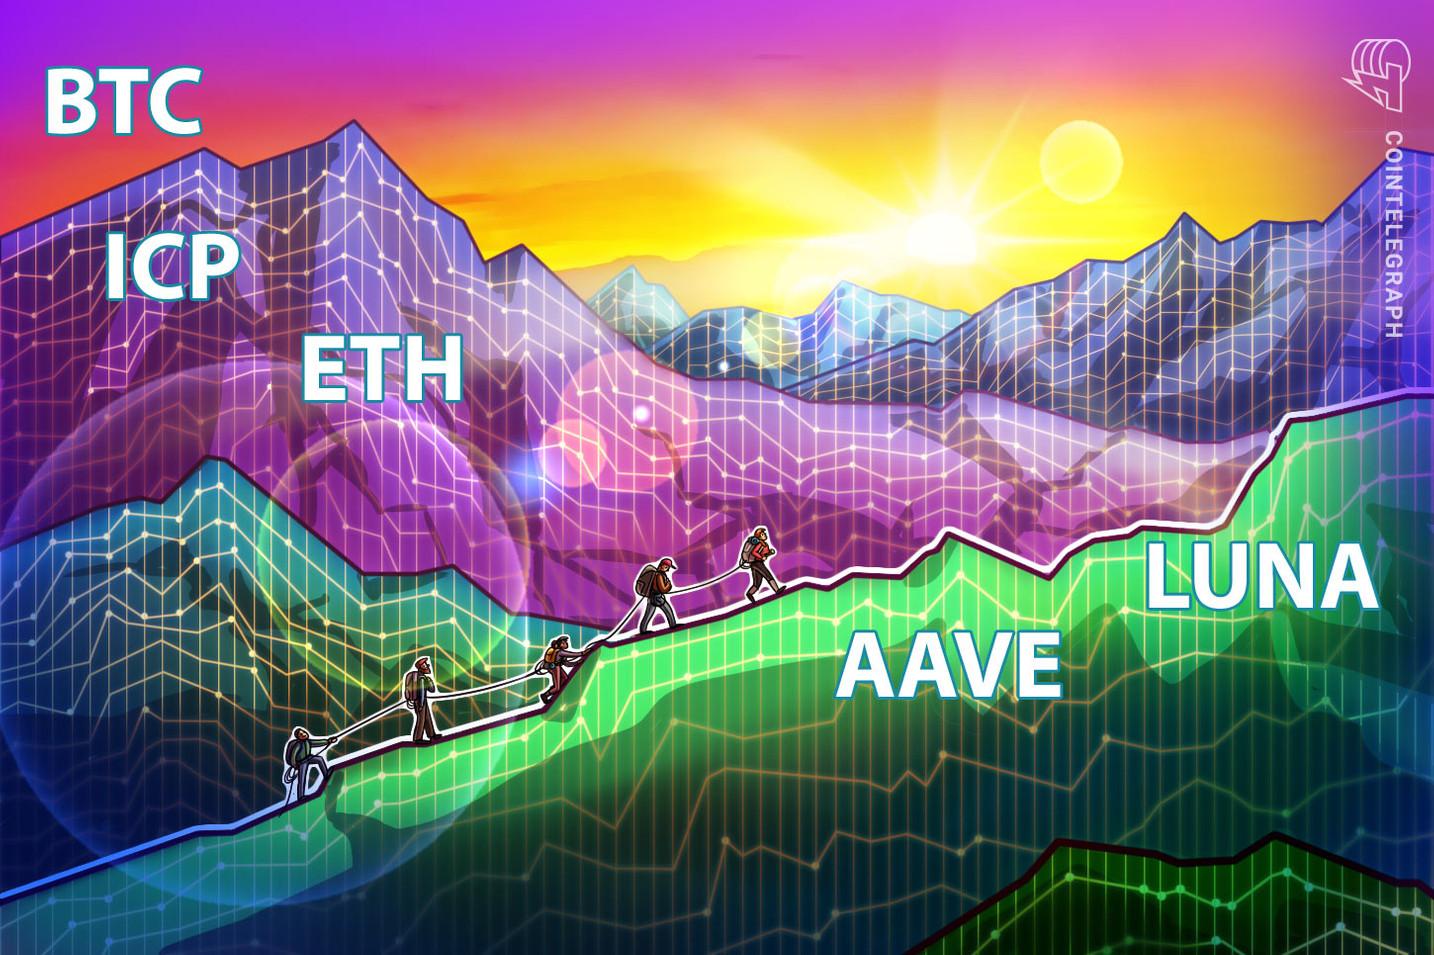 Top 5 criptomoedas para ficar de olho nesta semana: BTC, ETH, ICP, AAVE, LUNA